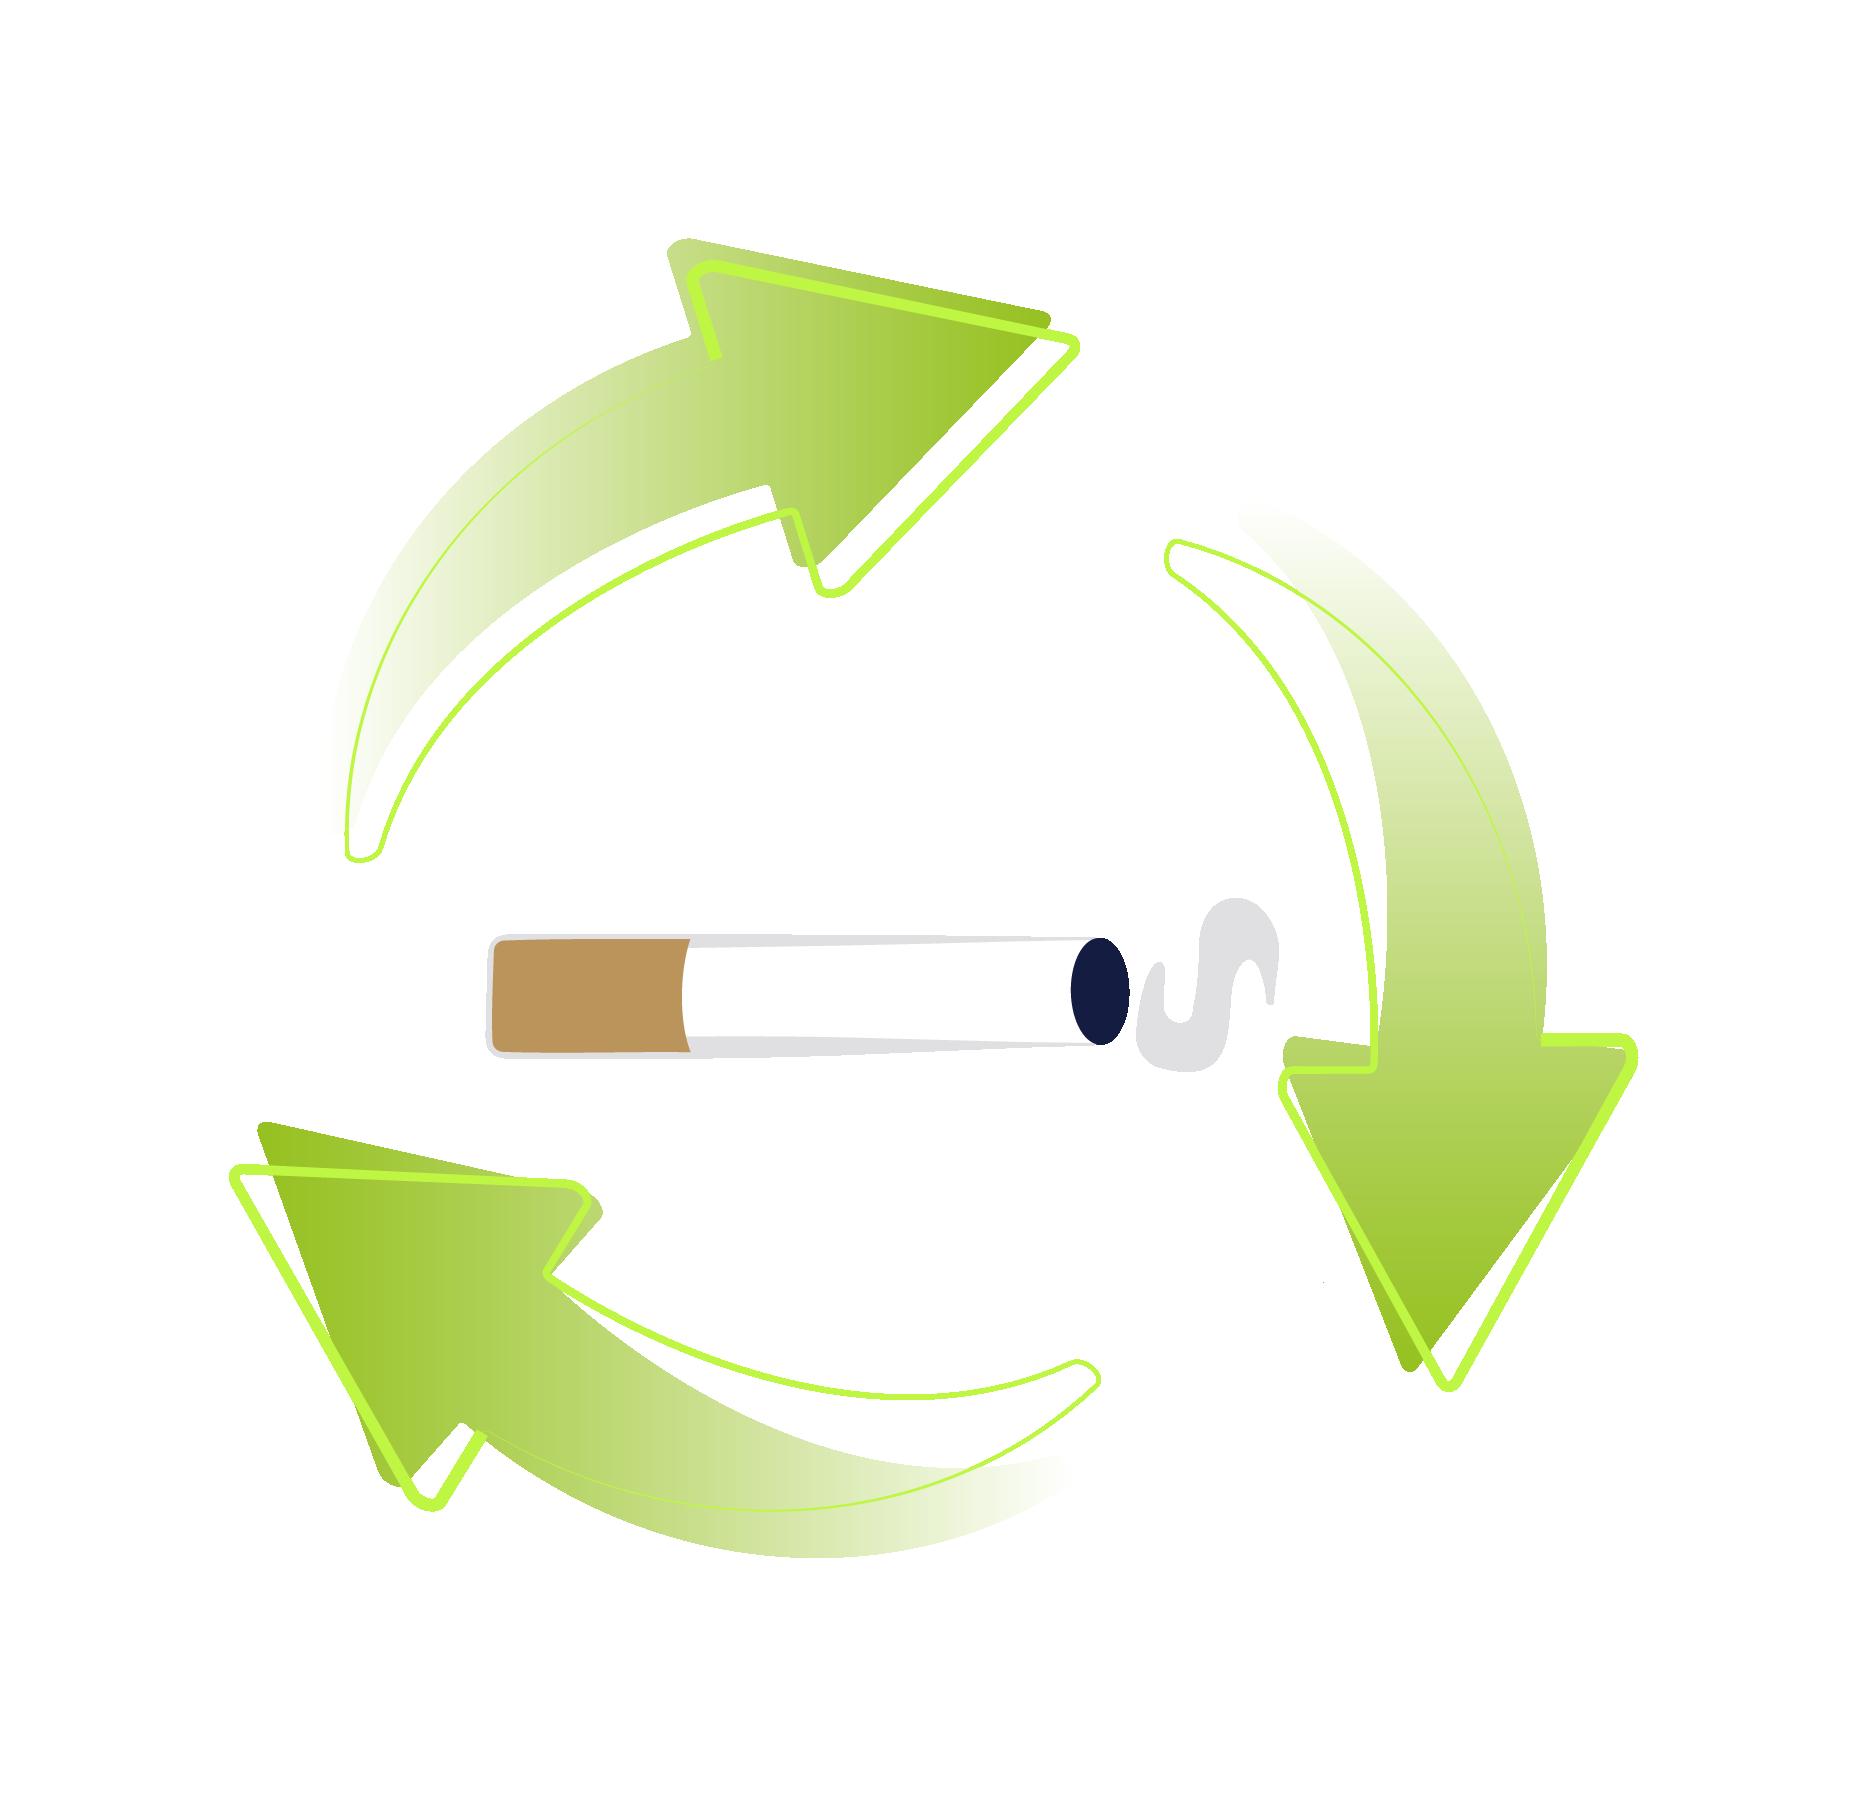 Traitement déchets mégots